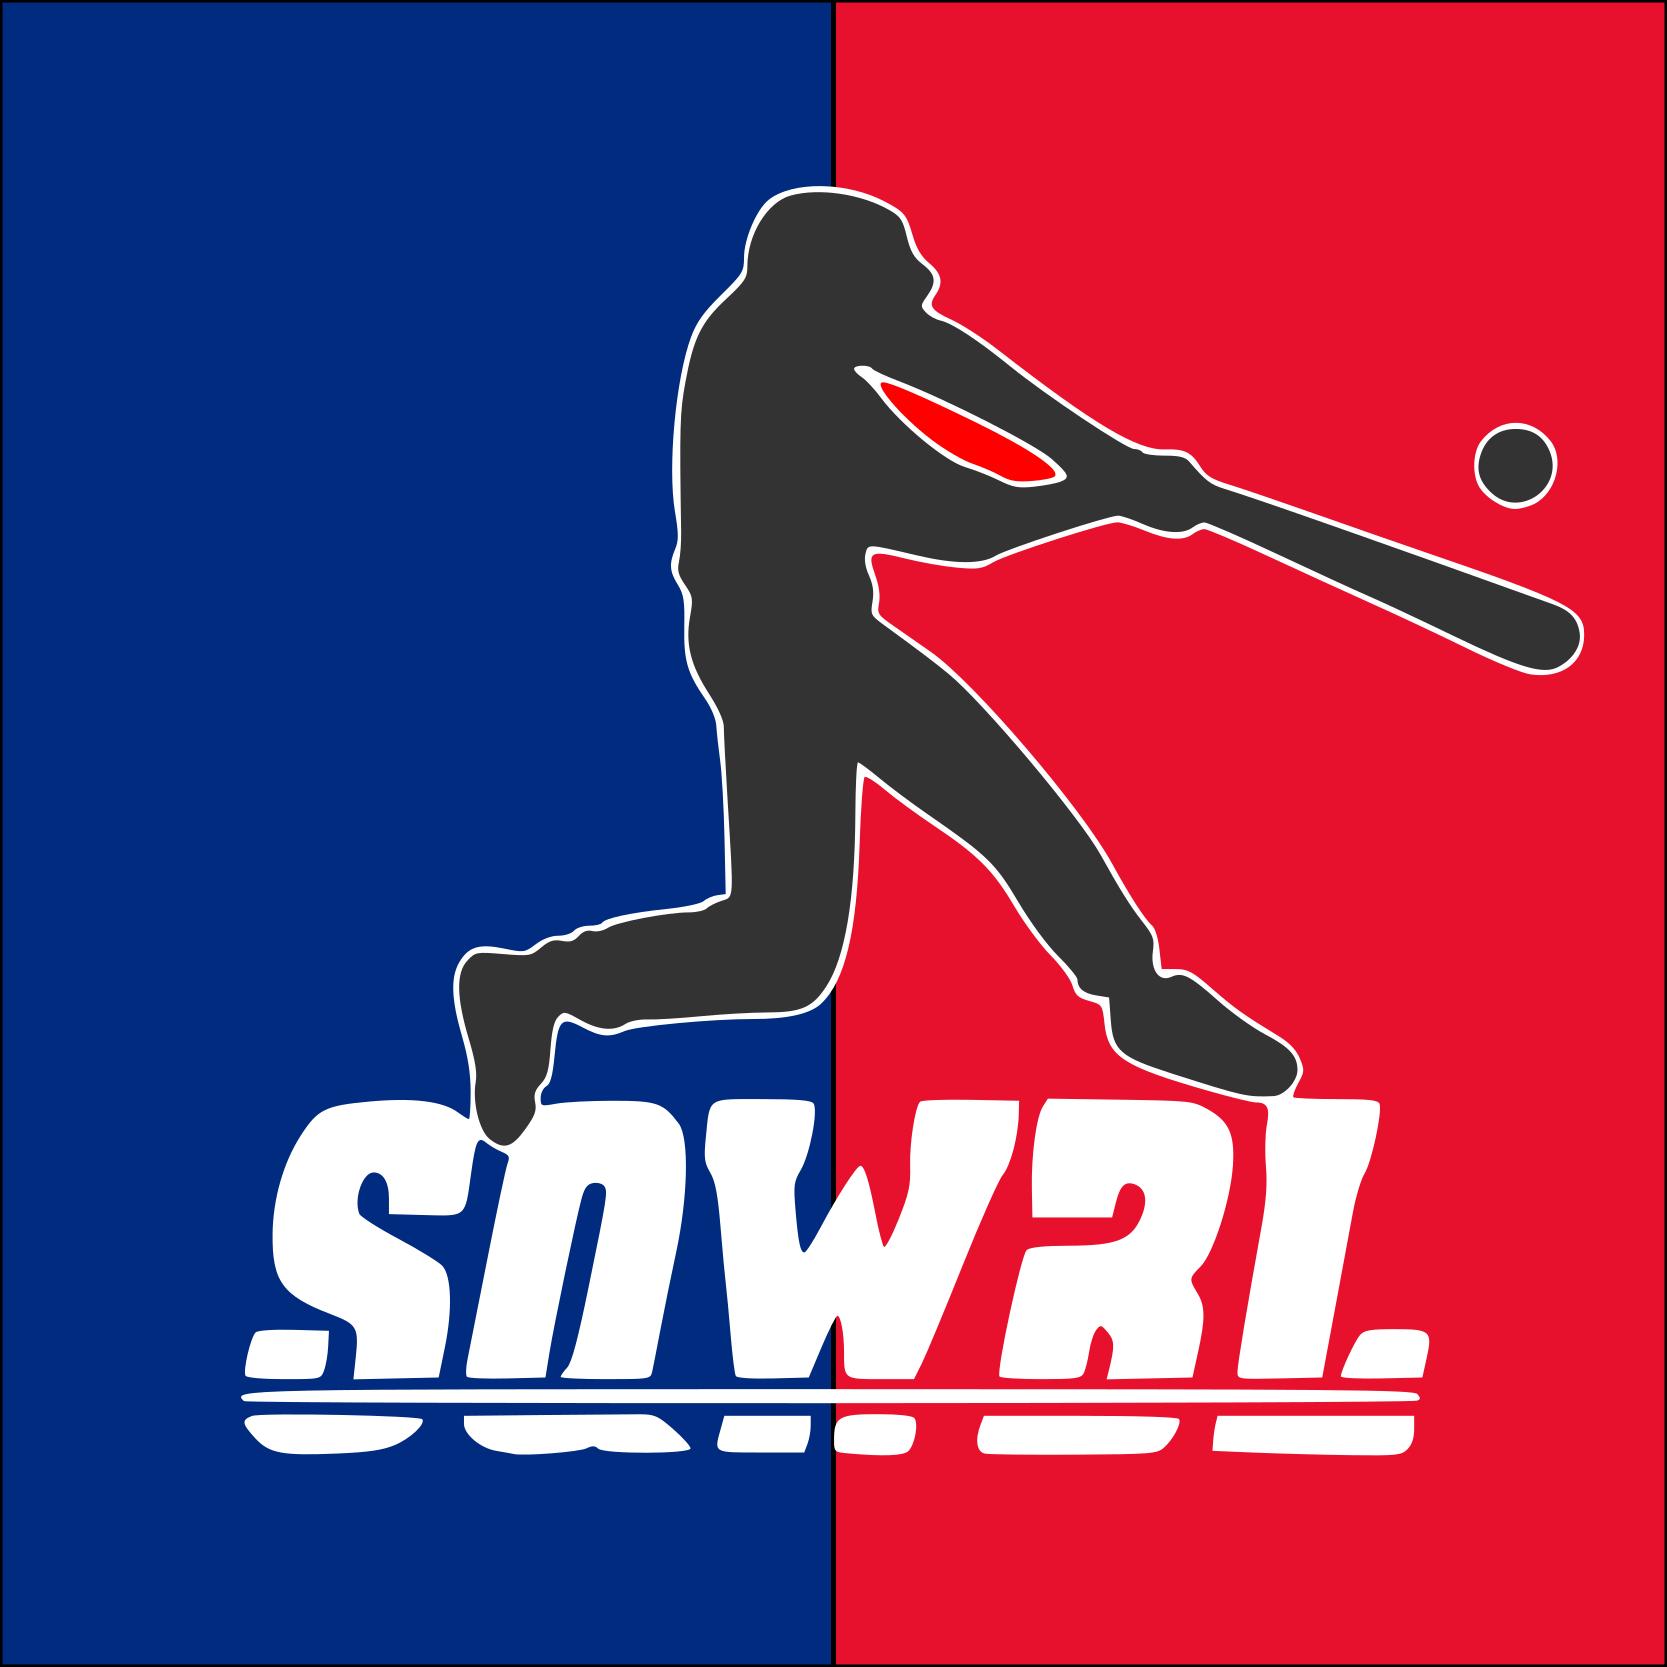 SQWBL